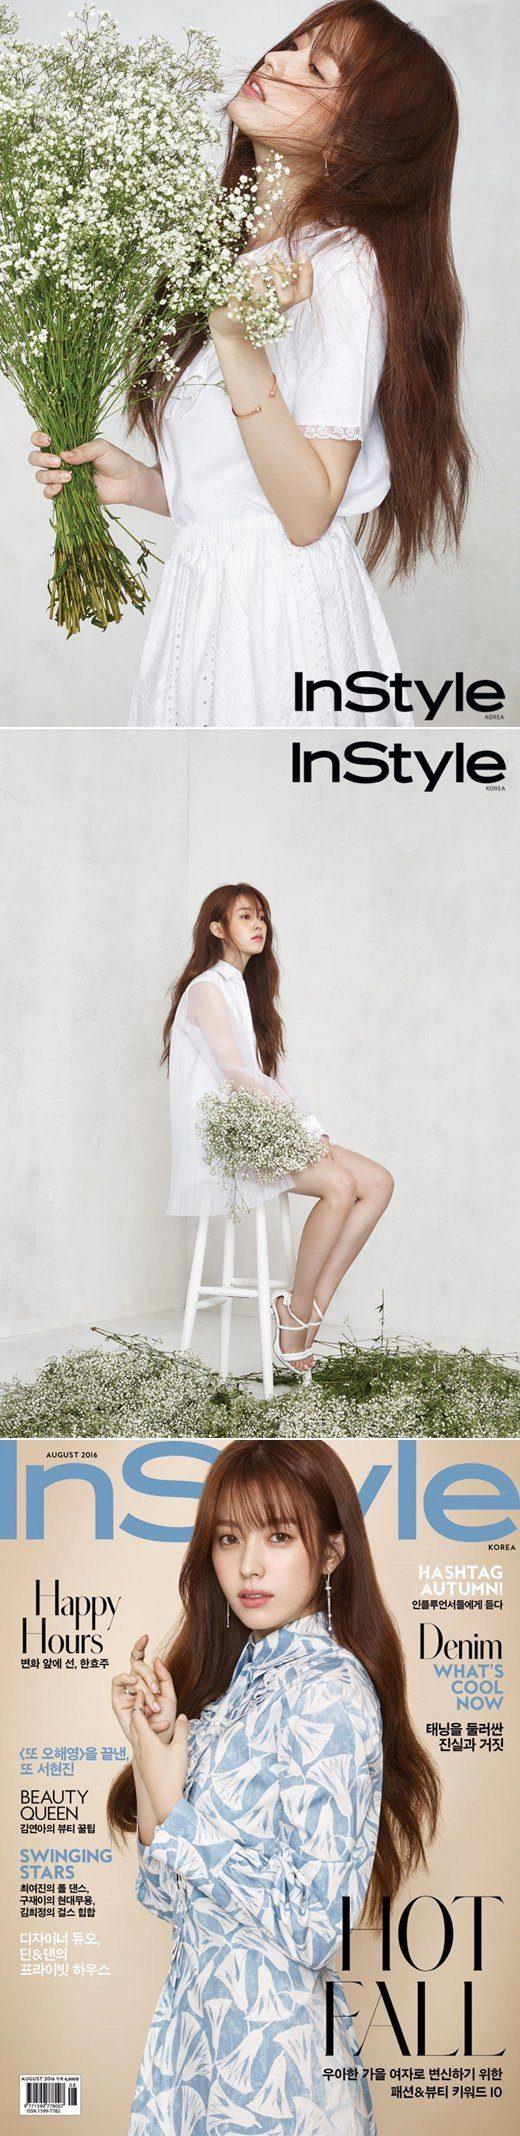 han-hyo-joo_1468867422_2016071810408099722_2